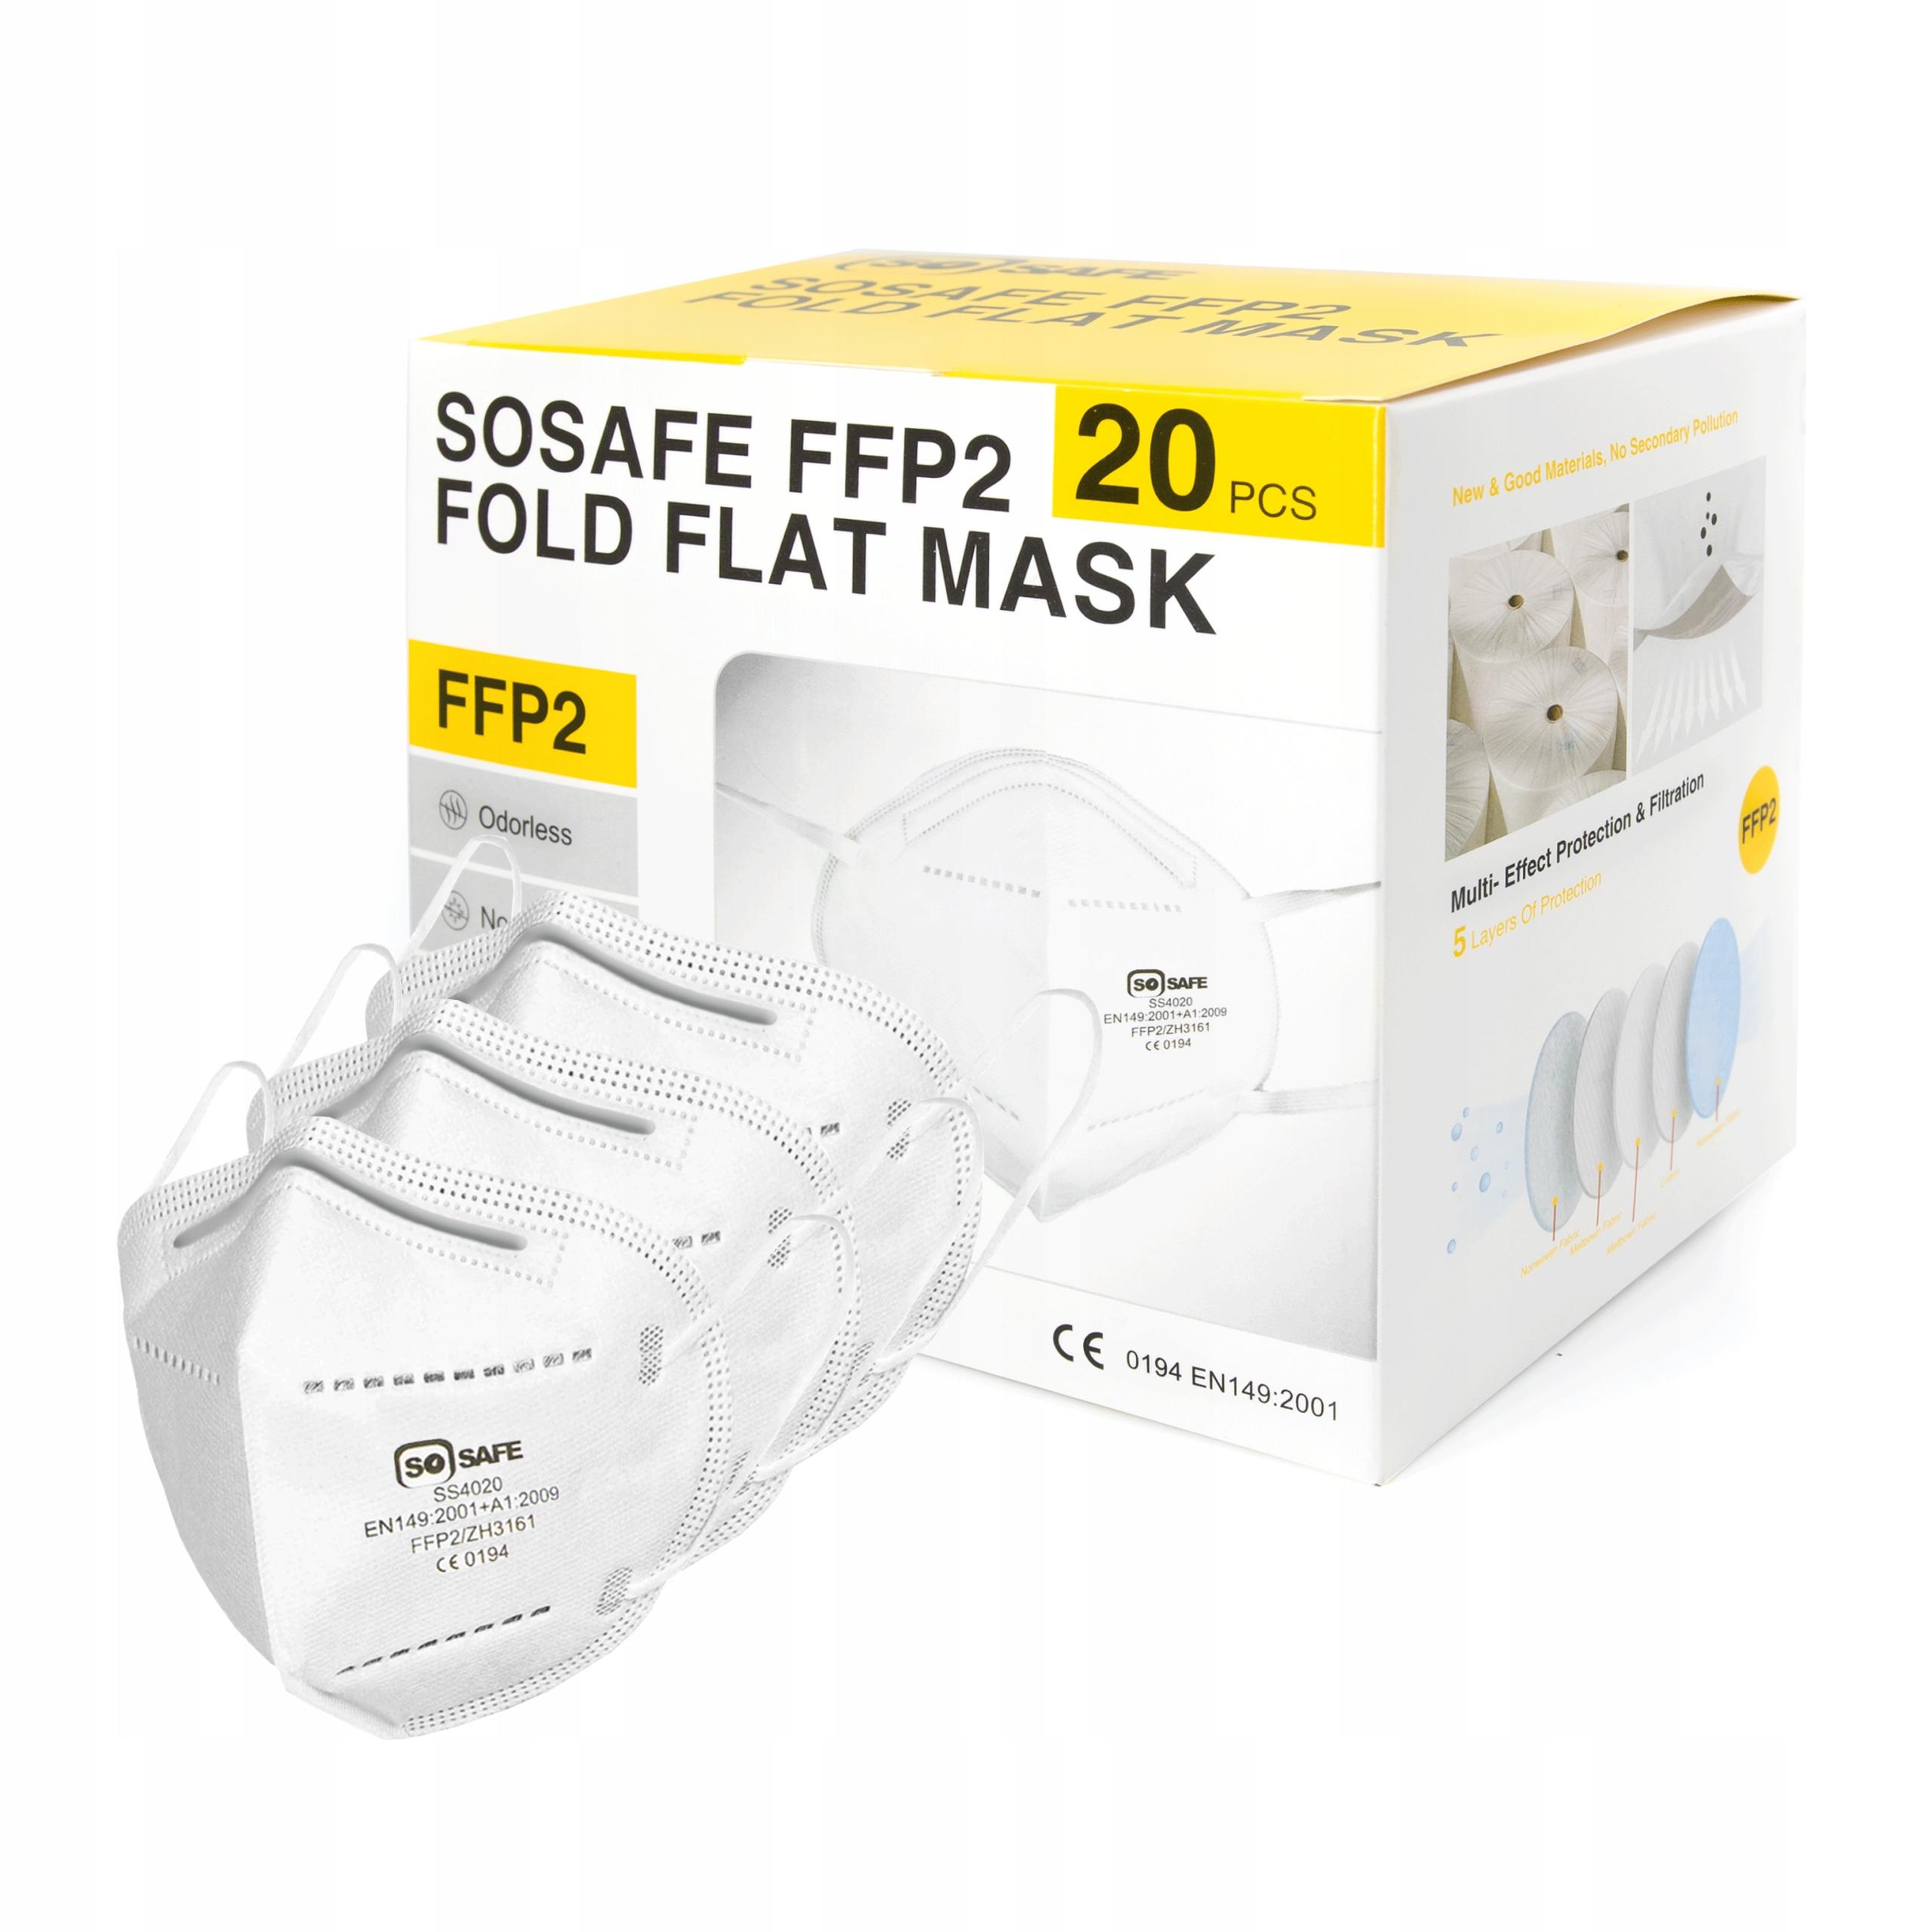 20x защитная маска FPP2 Сертифицированная фильтрующая маска